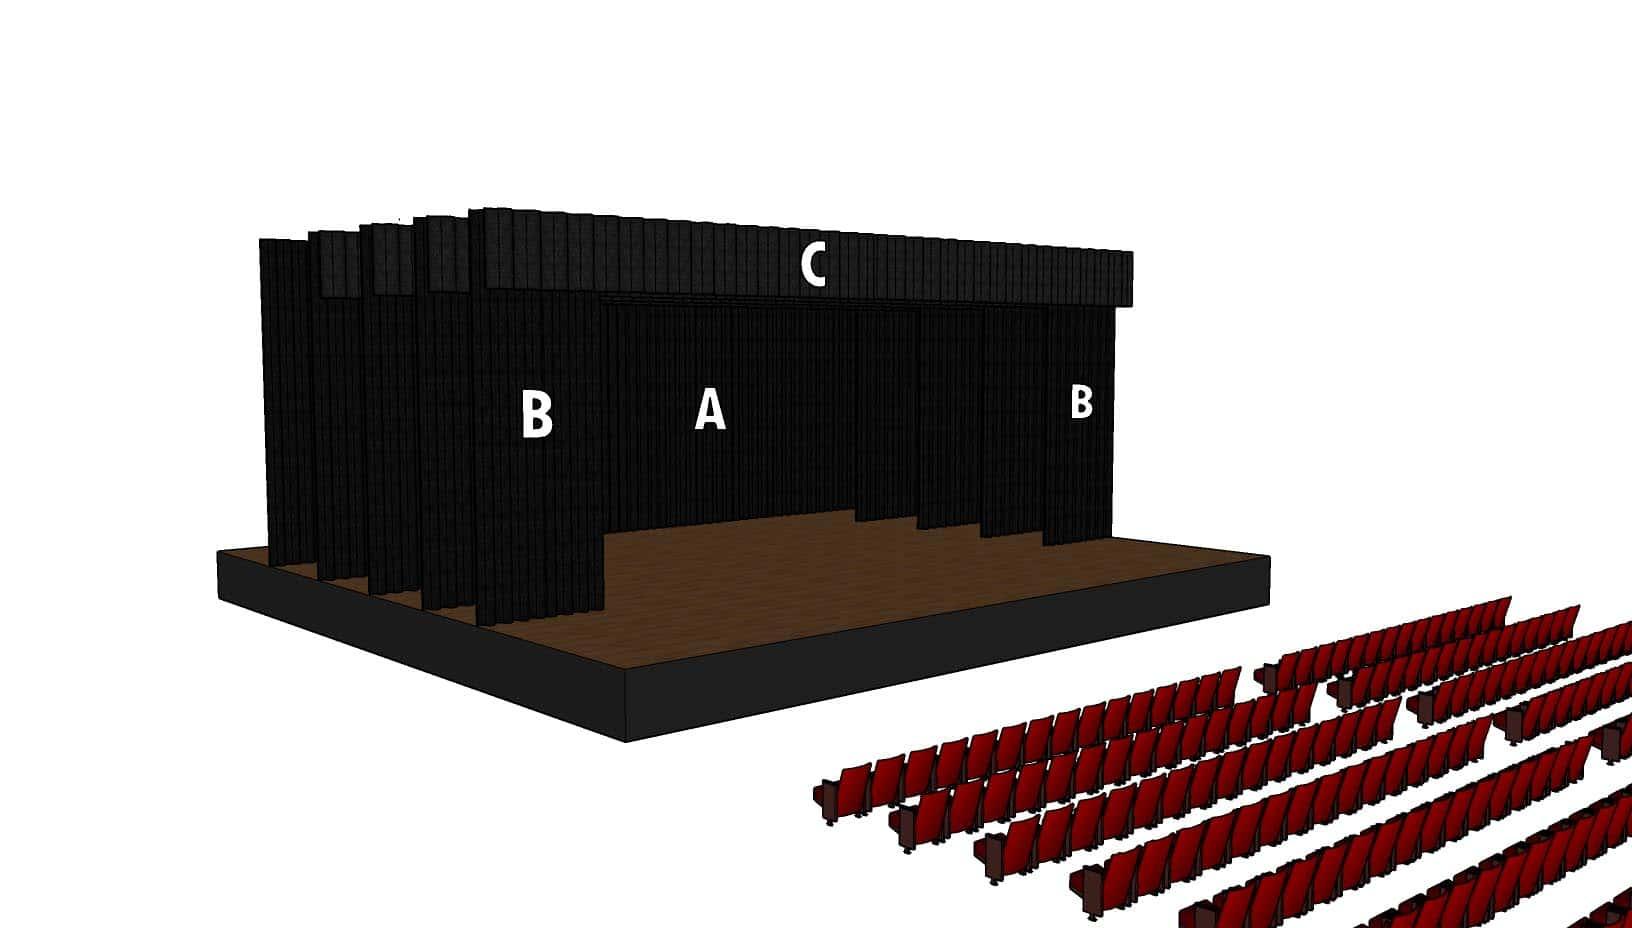 Parts d'una càmera negra de teatre